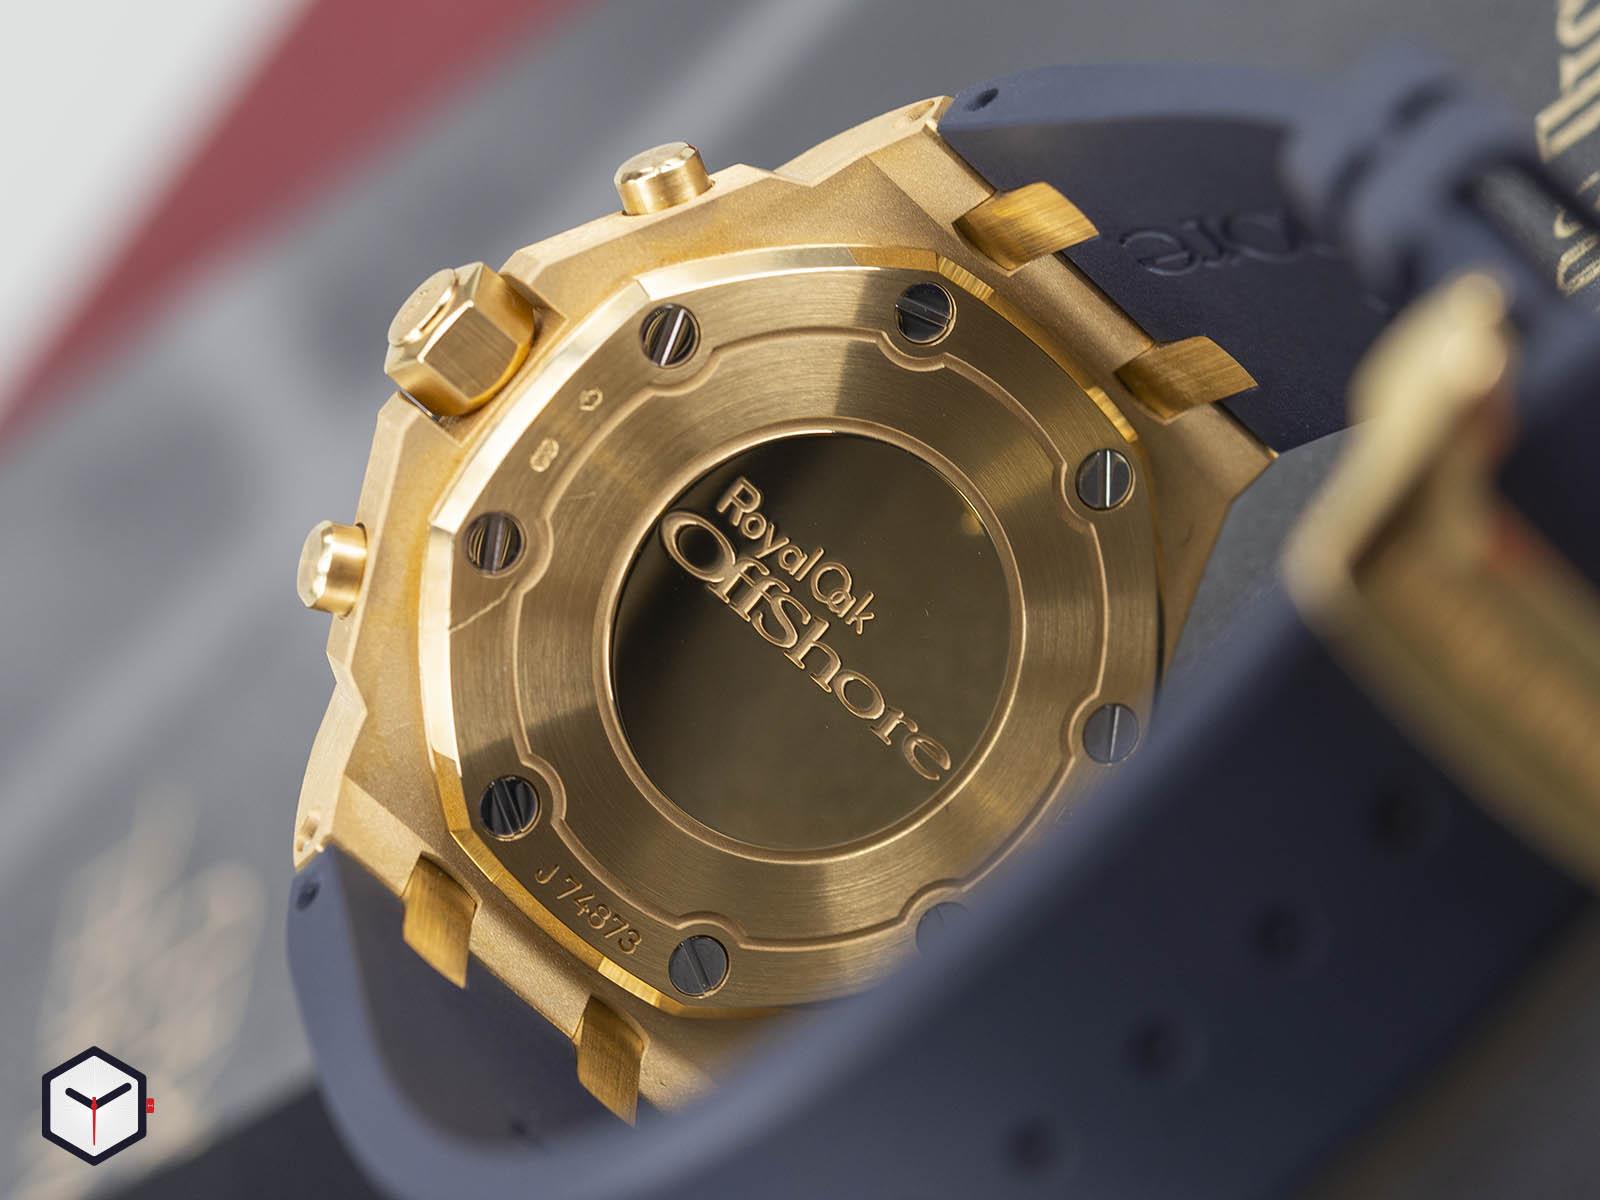 26231ba-zz-d027ca-01-audemars-piguet-royal-oak-offshore-chronograph-5.jpg